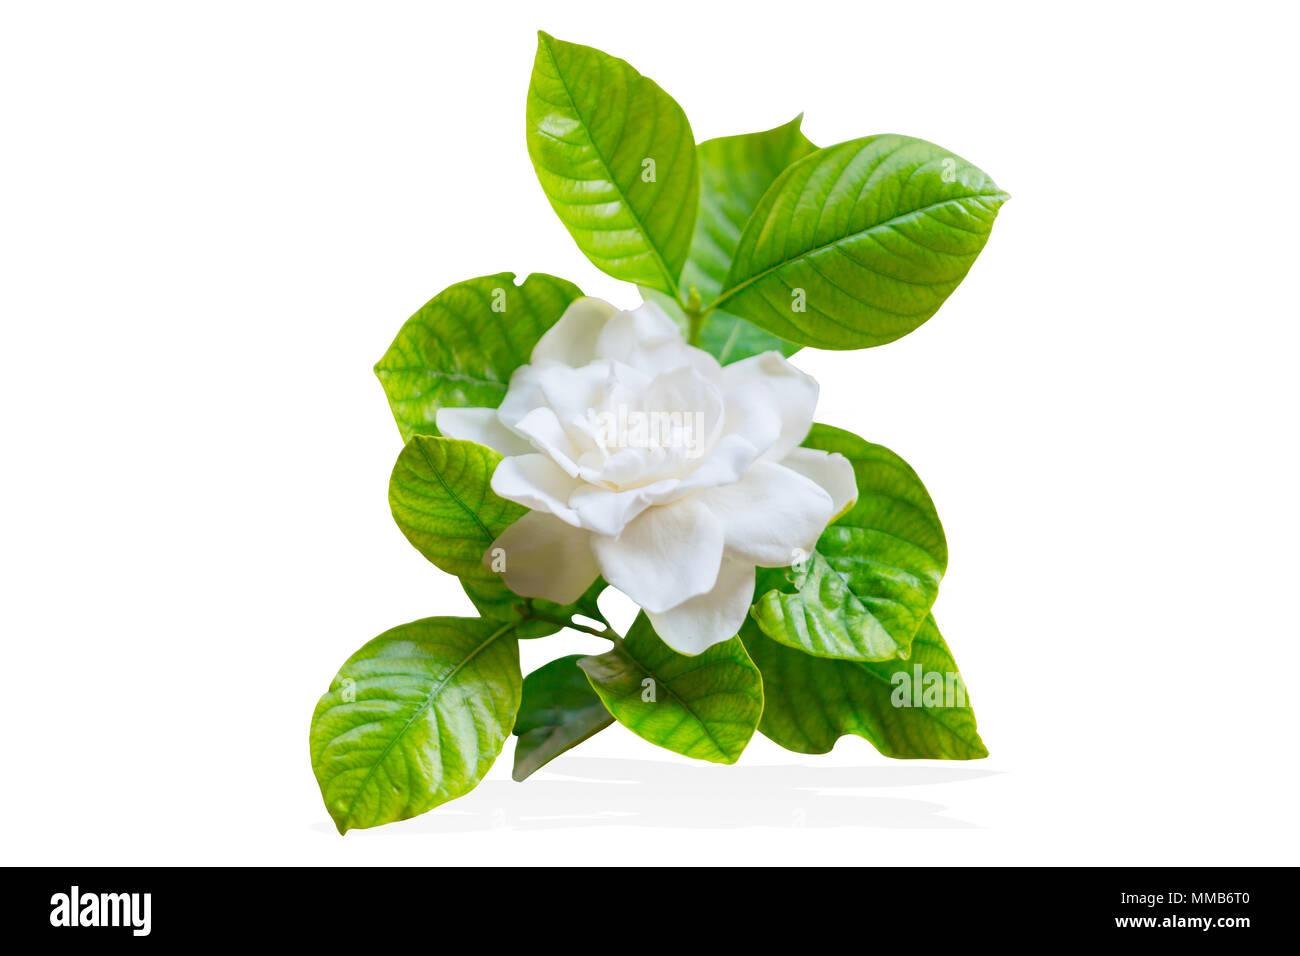 Cape Jasmine Or Gardenia Jasminoides Asia Tropical White Flower